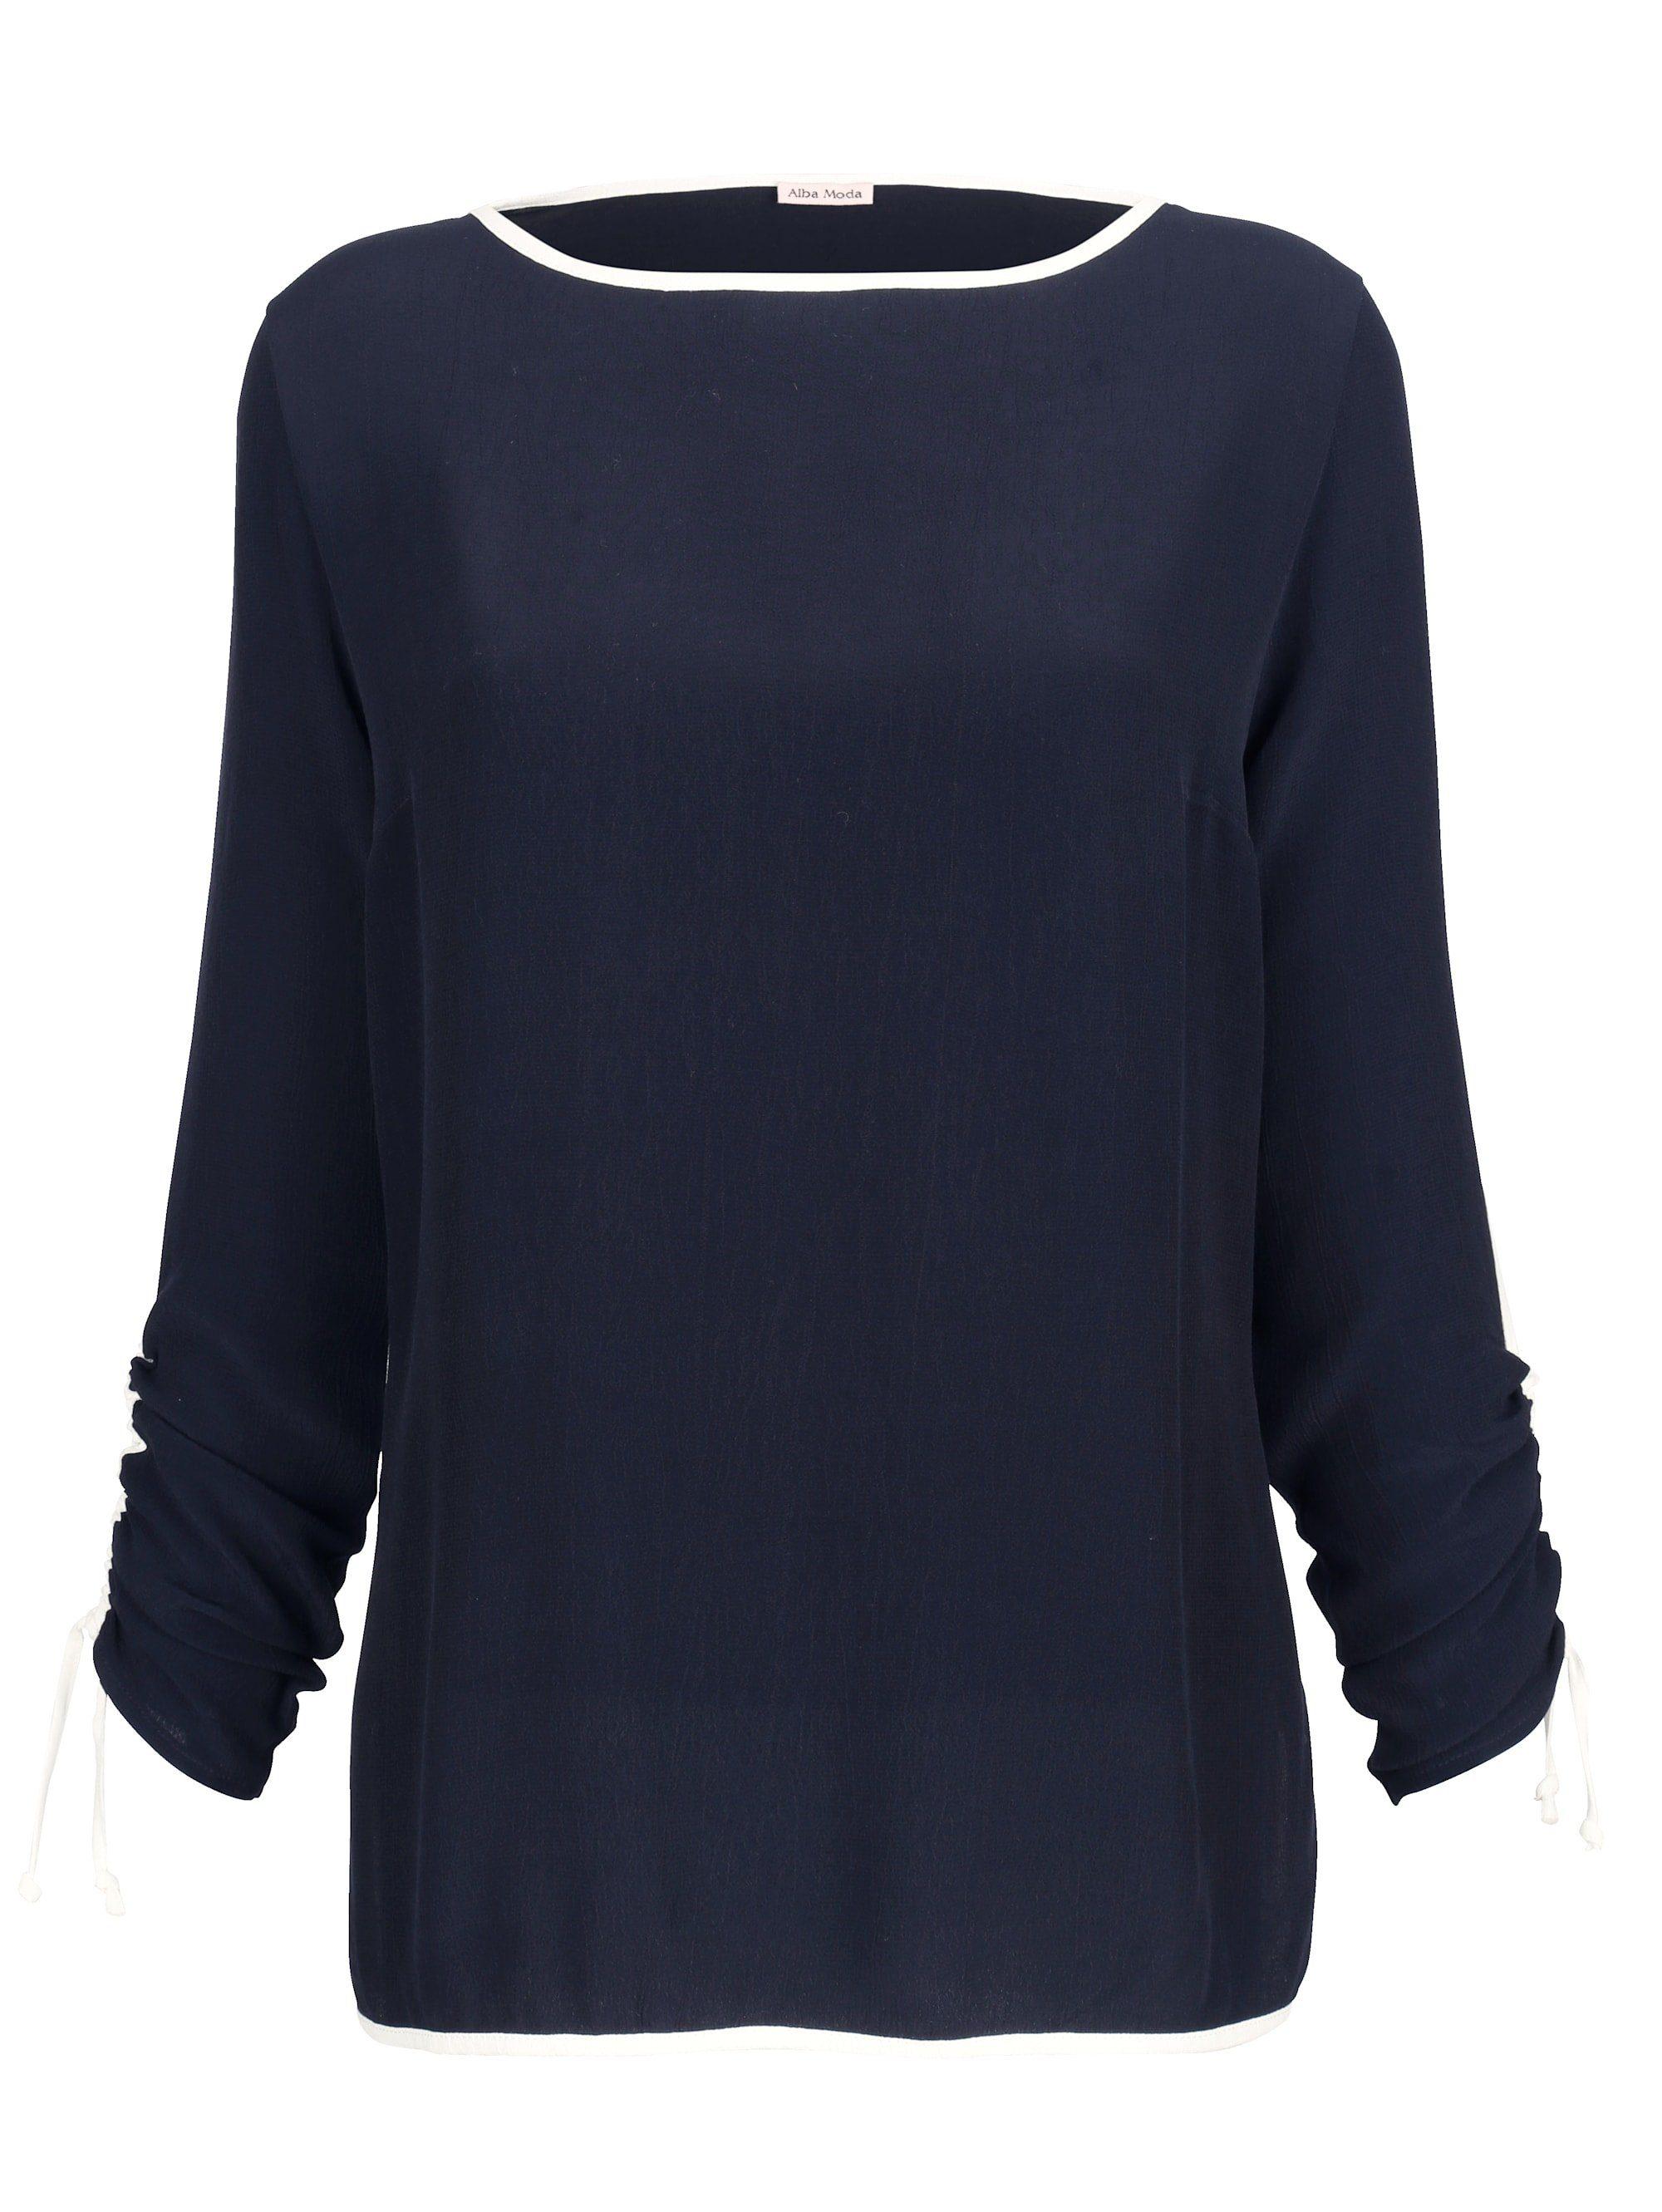 Alba Moda Bluse mit Raffungen am Arm, Rückenteil aus farblich angepasster Jerseyqualität